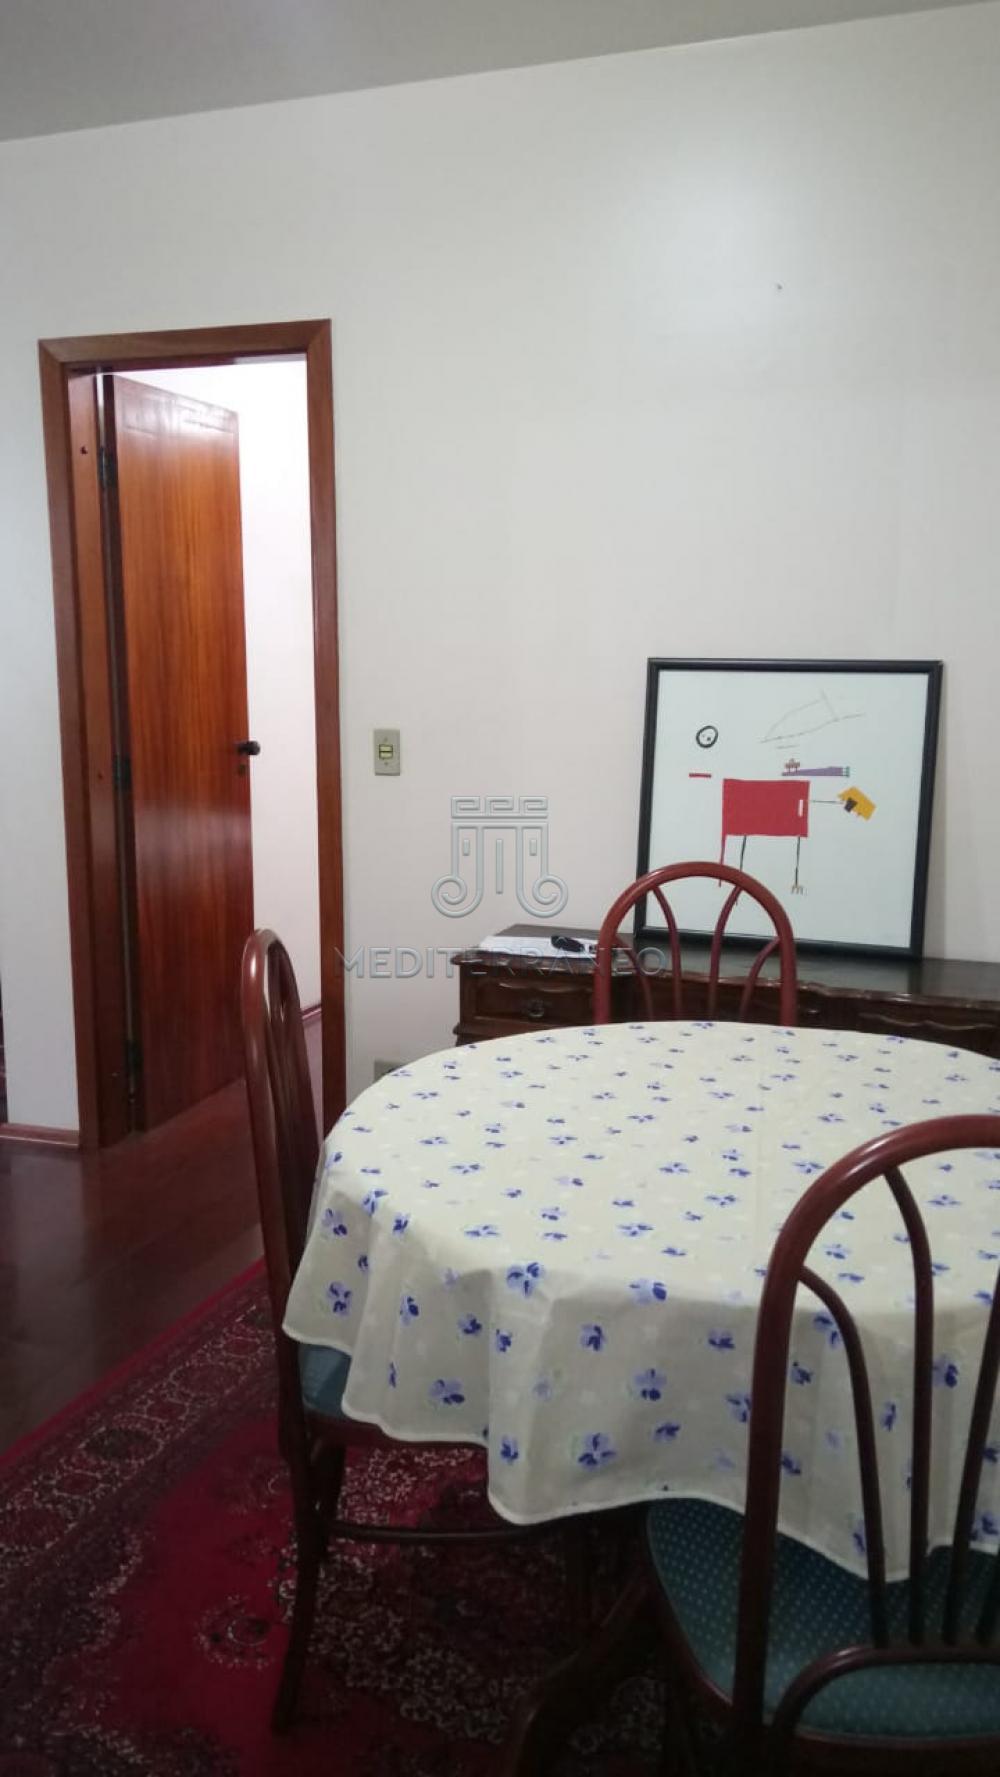 Comprar Apartamento / Padrão em Jundiaí apenas R$ 375.000,00 - Foto 7